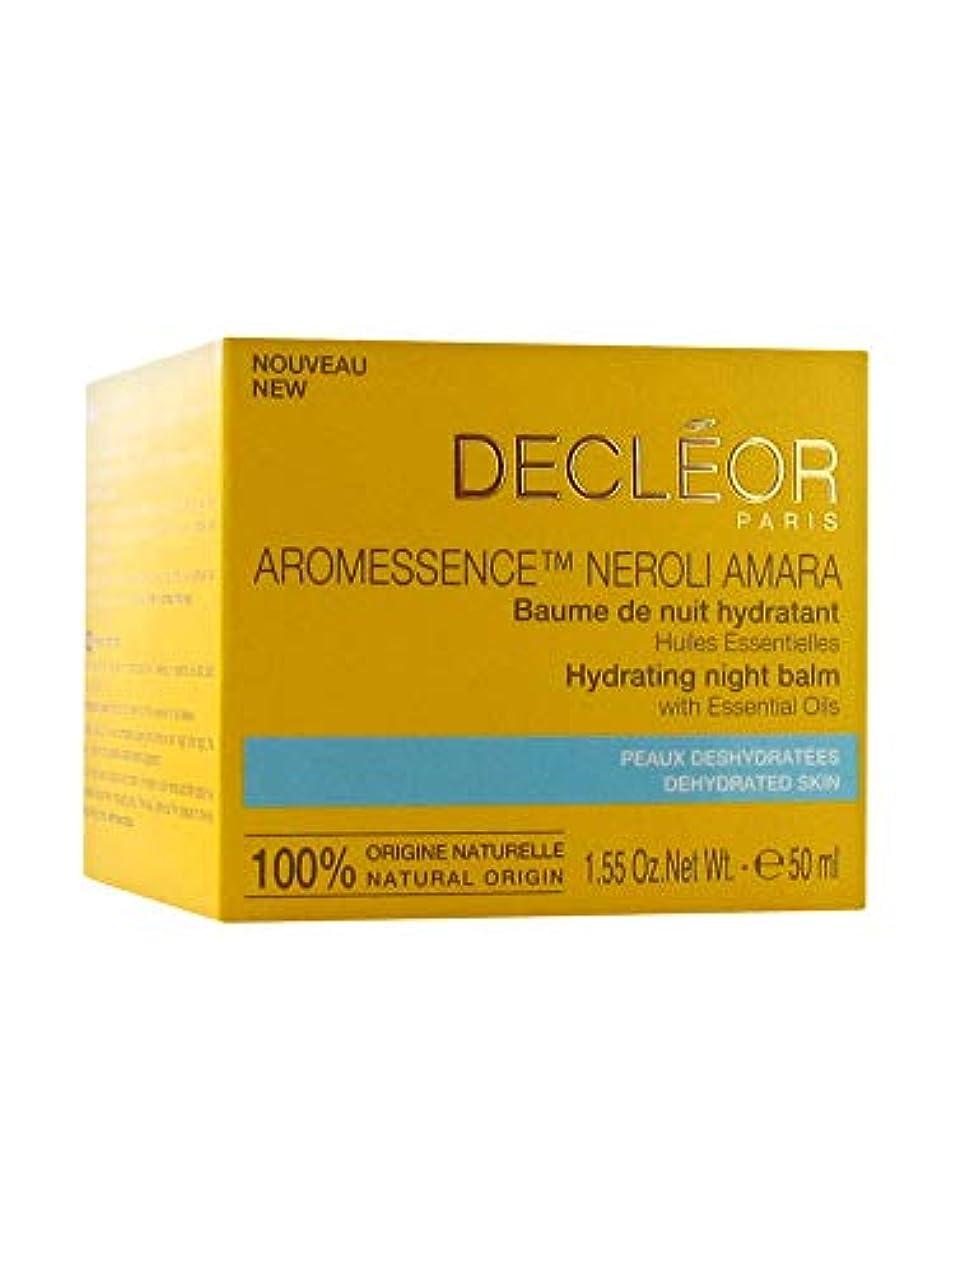 価格アルファベット順ランタンデクレオール Aromessence Neroli Amara Hydrating Night Balm - For Dehydrated Skin 50ml/1.55oz並行輸入品